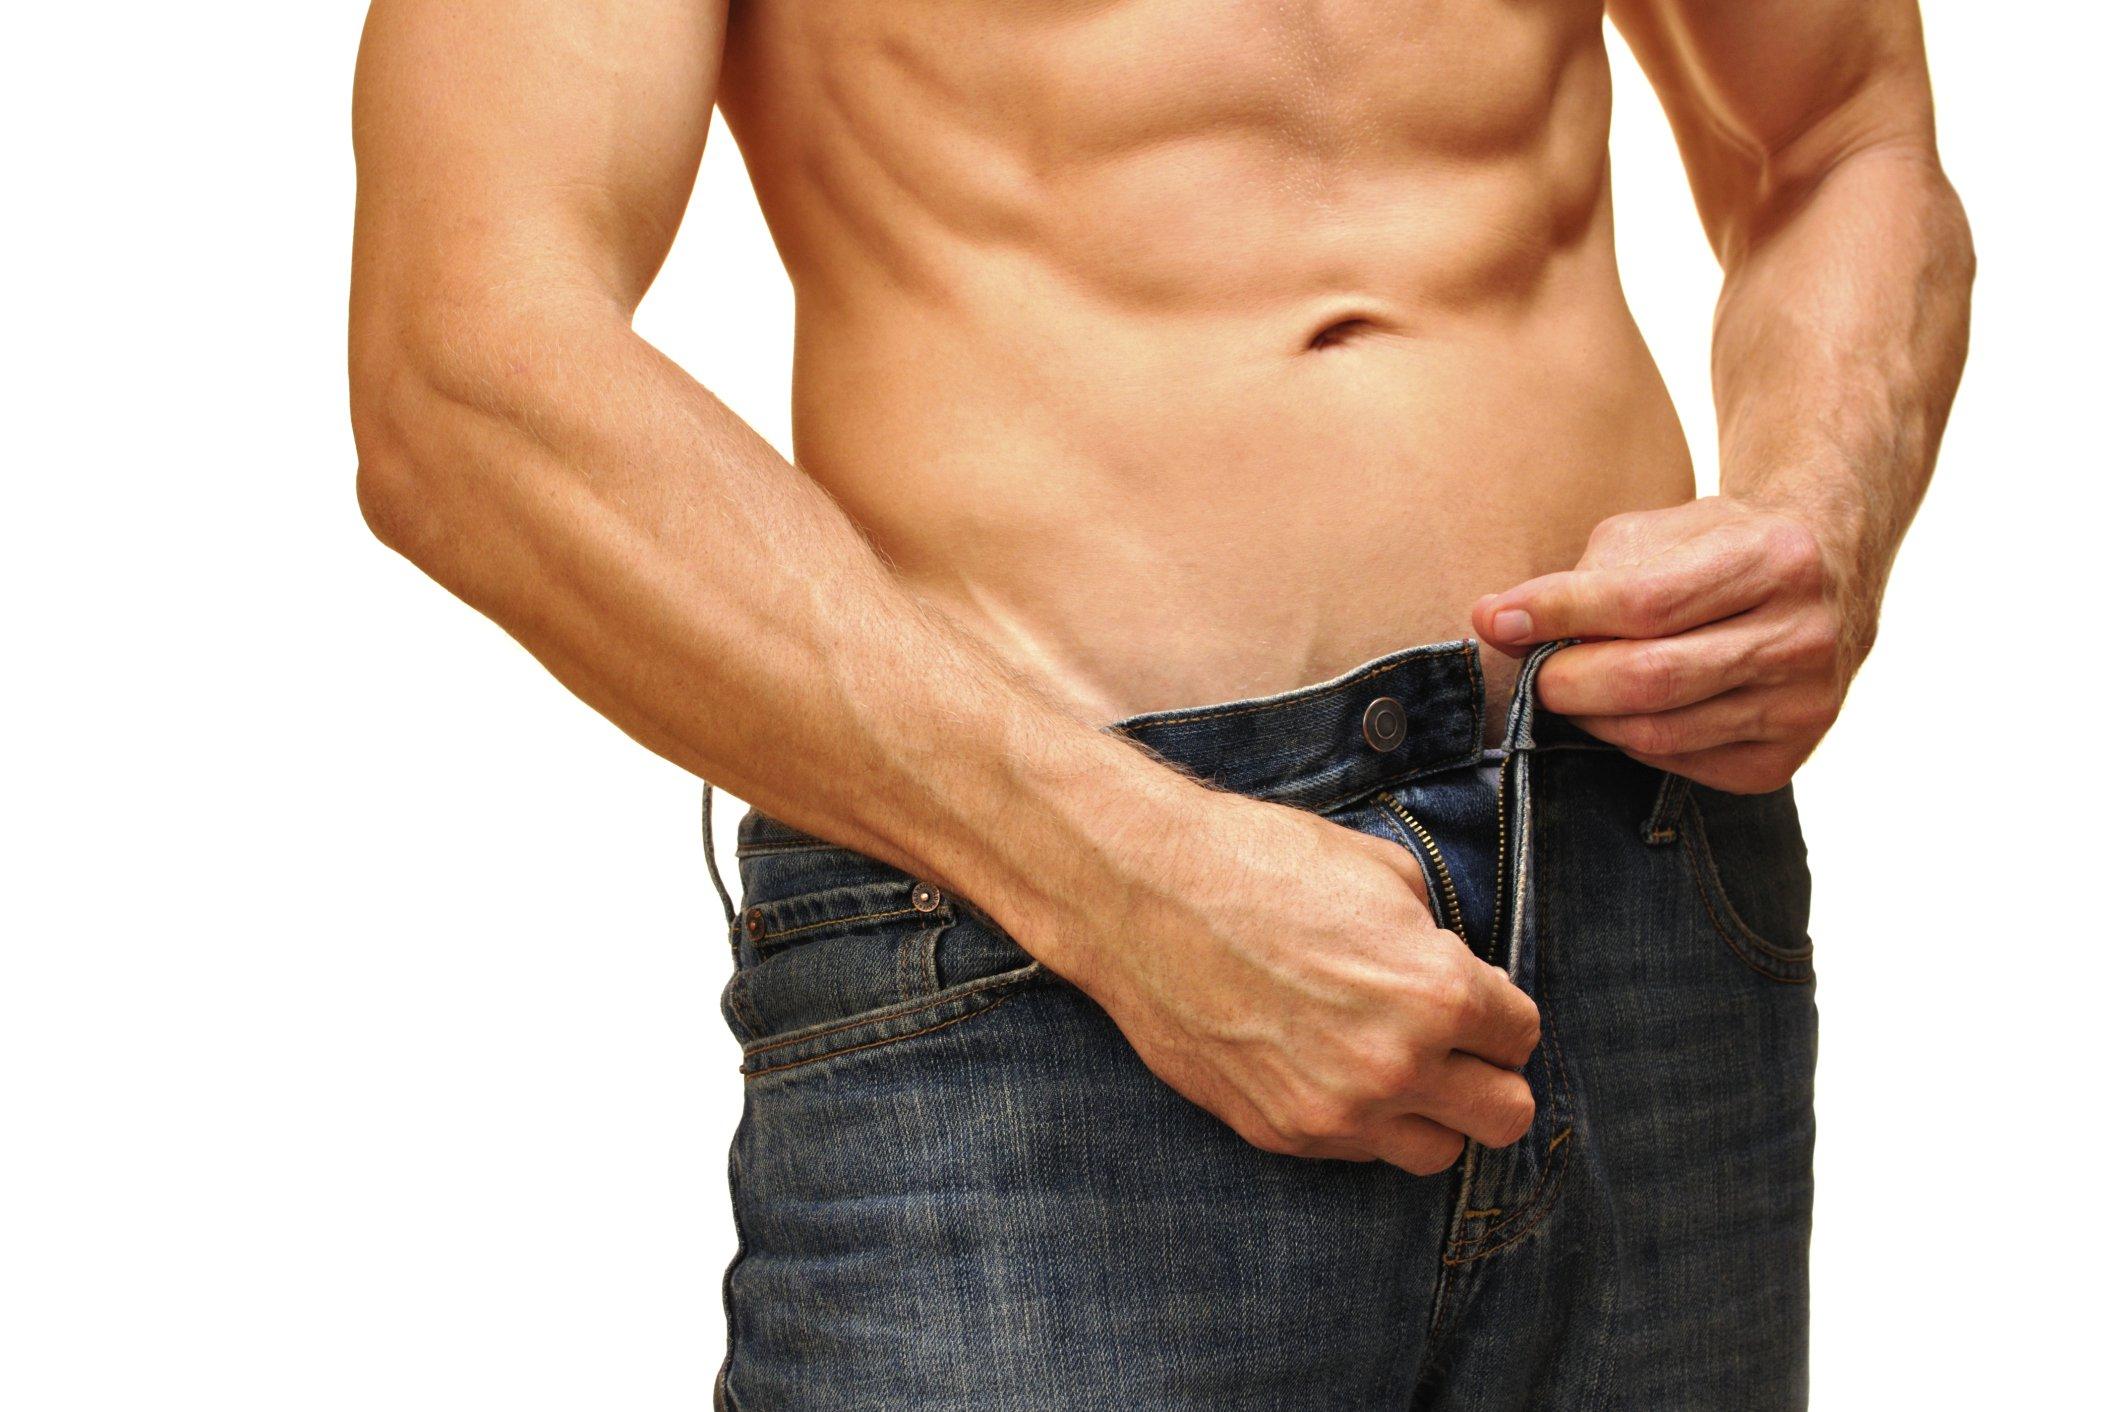 melyik pénisz kövérnek számít